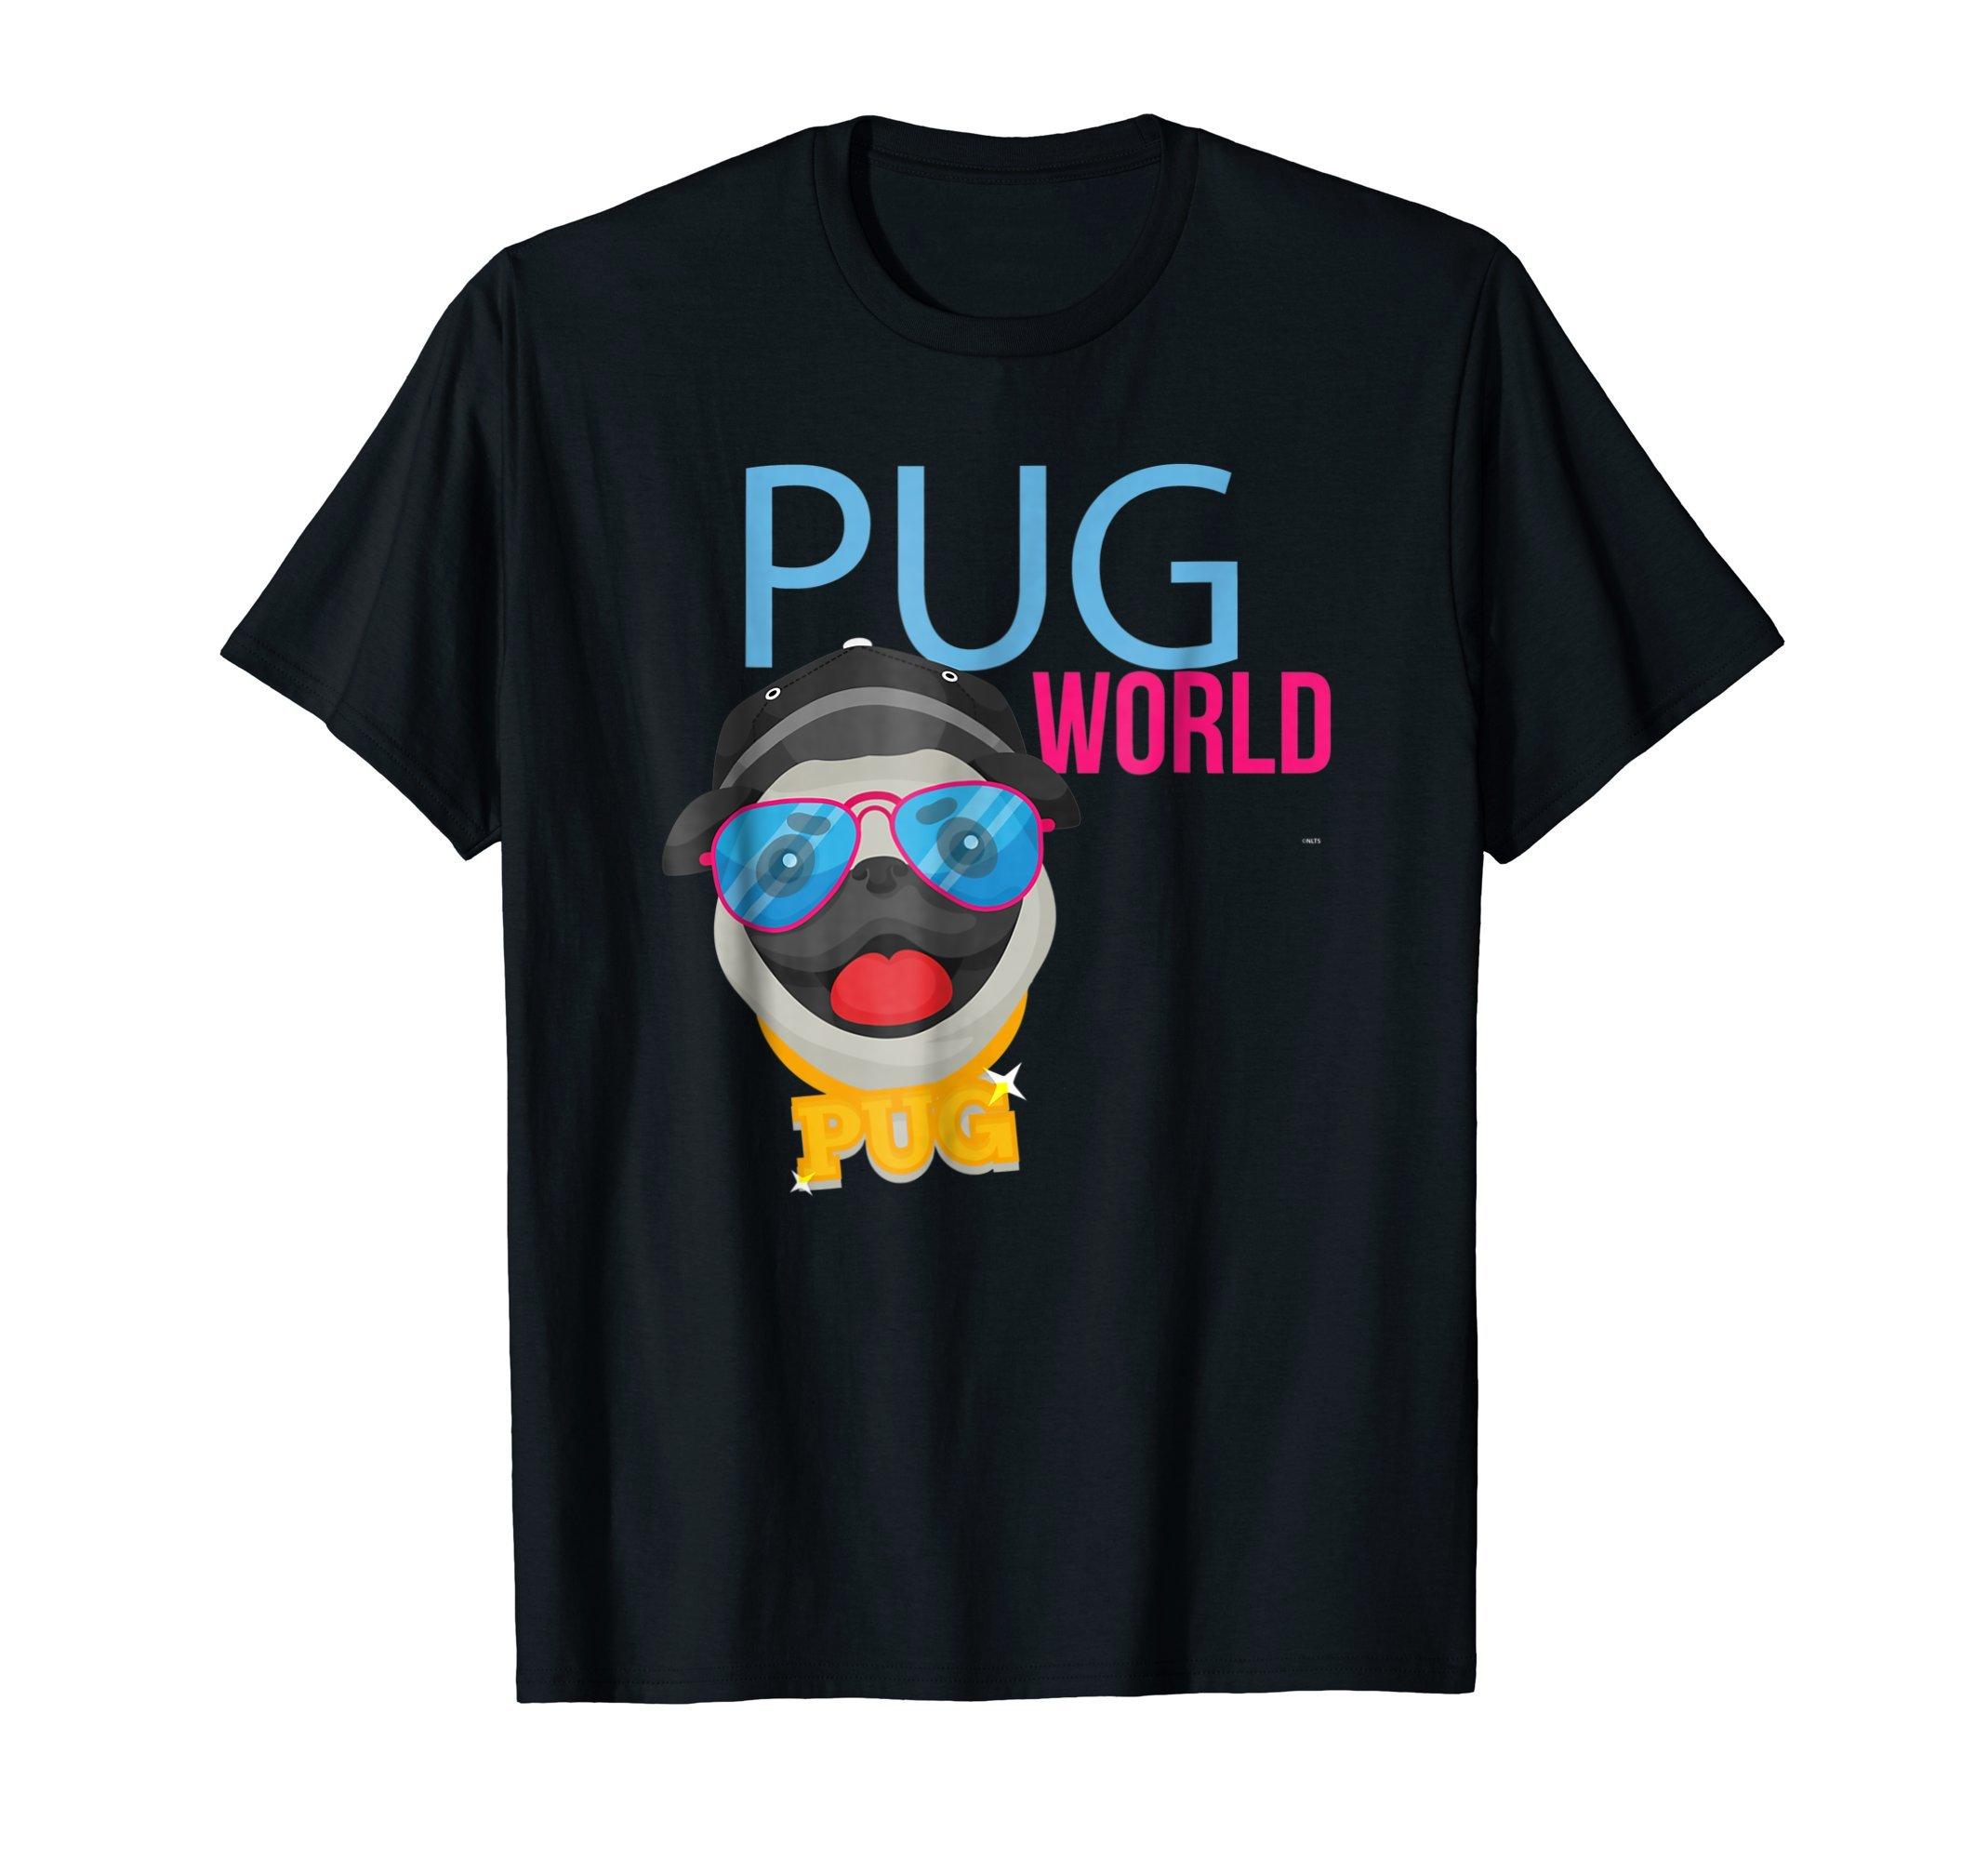 Pug-World-Humor-Funny-T-Shirt-Shirt-Tee-Gift